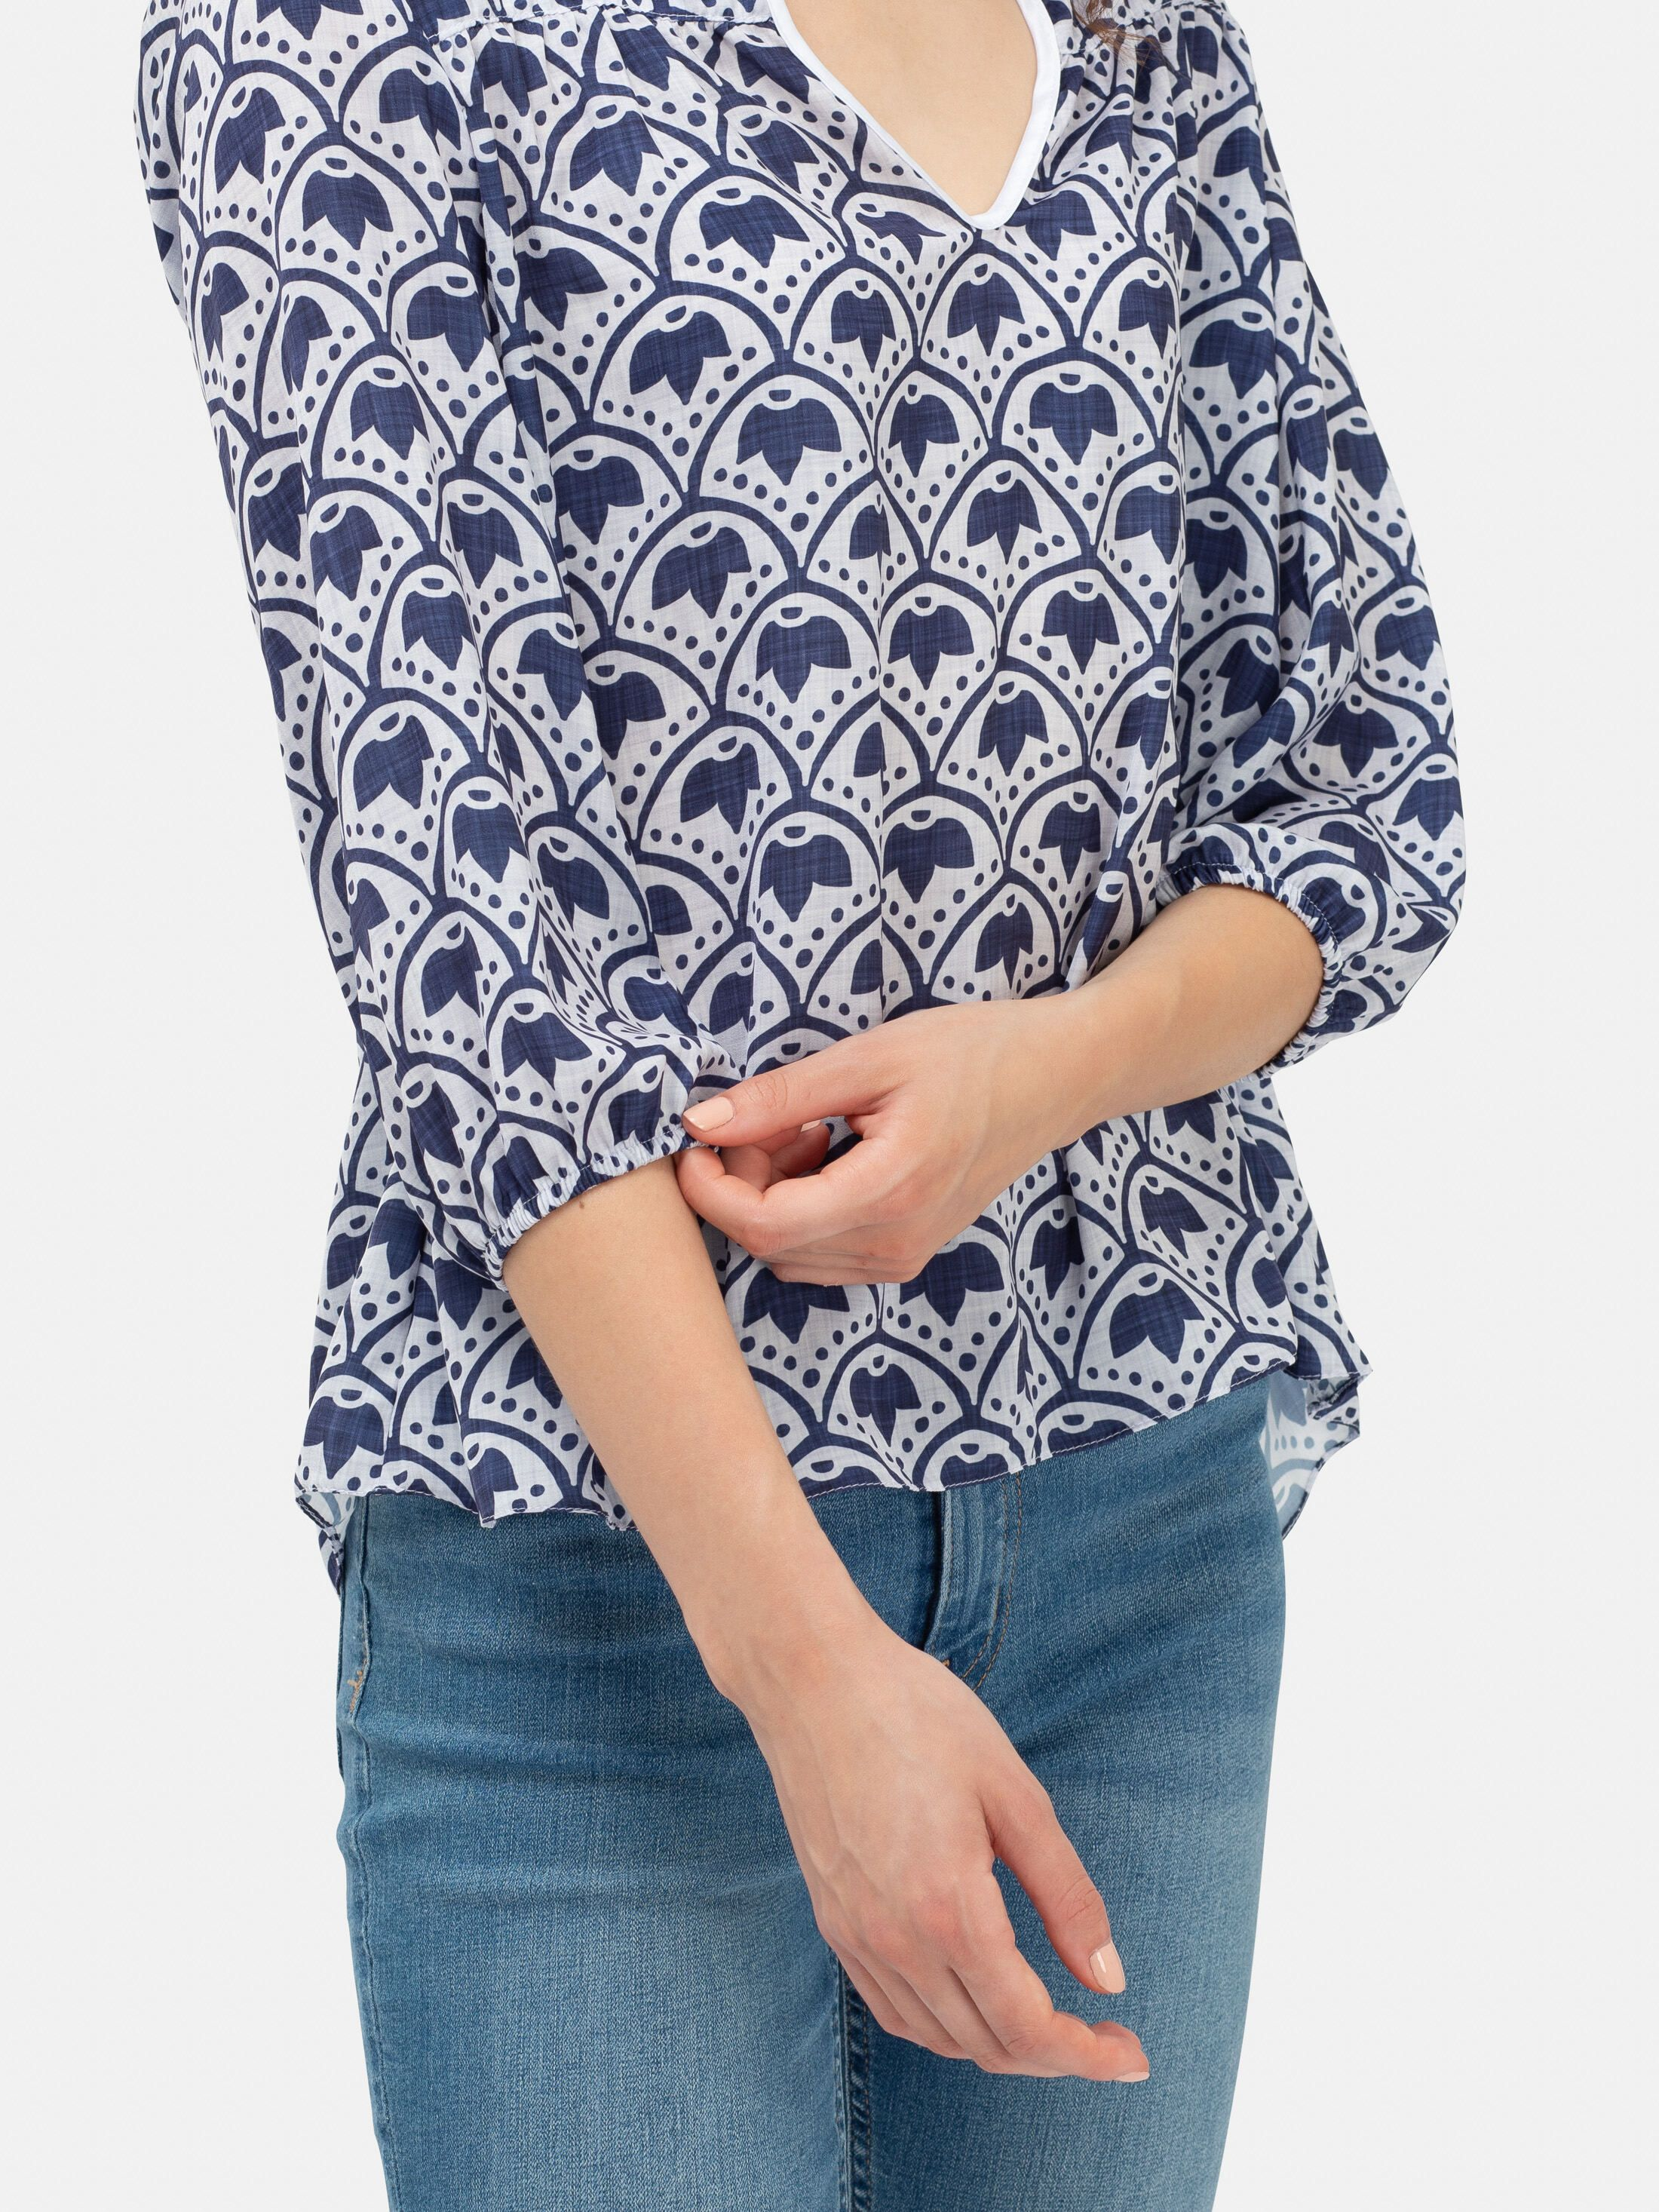 printed work tops sleeves